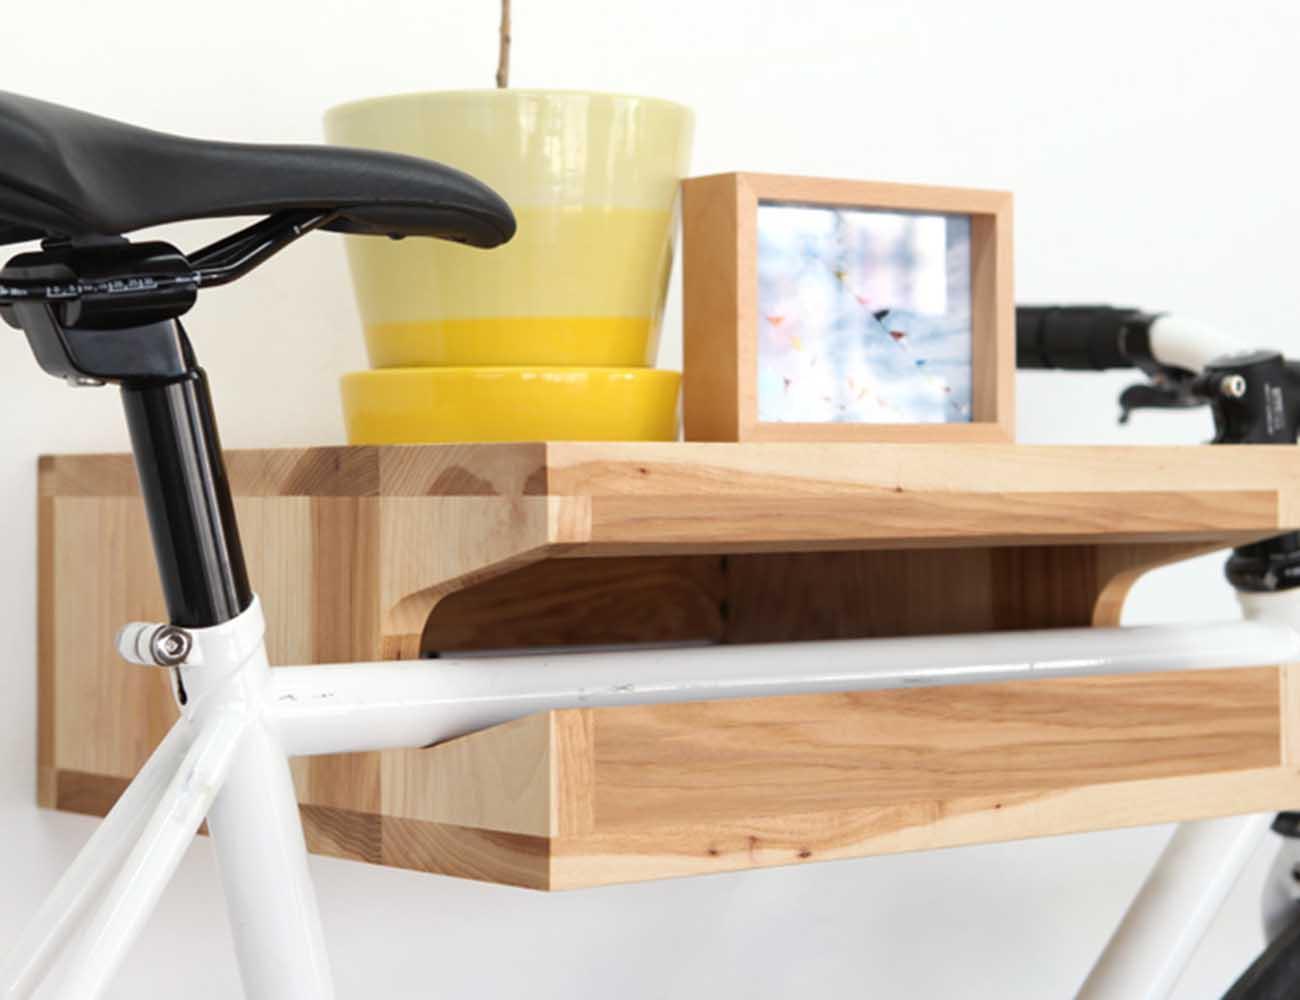 bikefritz – The Beautiful Wooden Bike Shelf